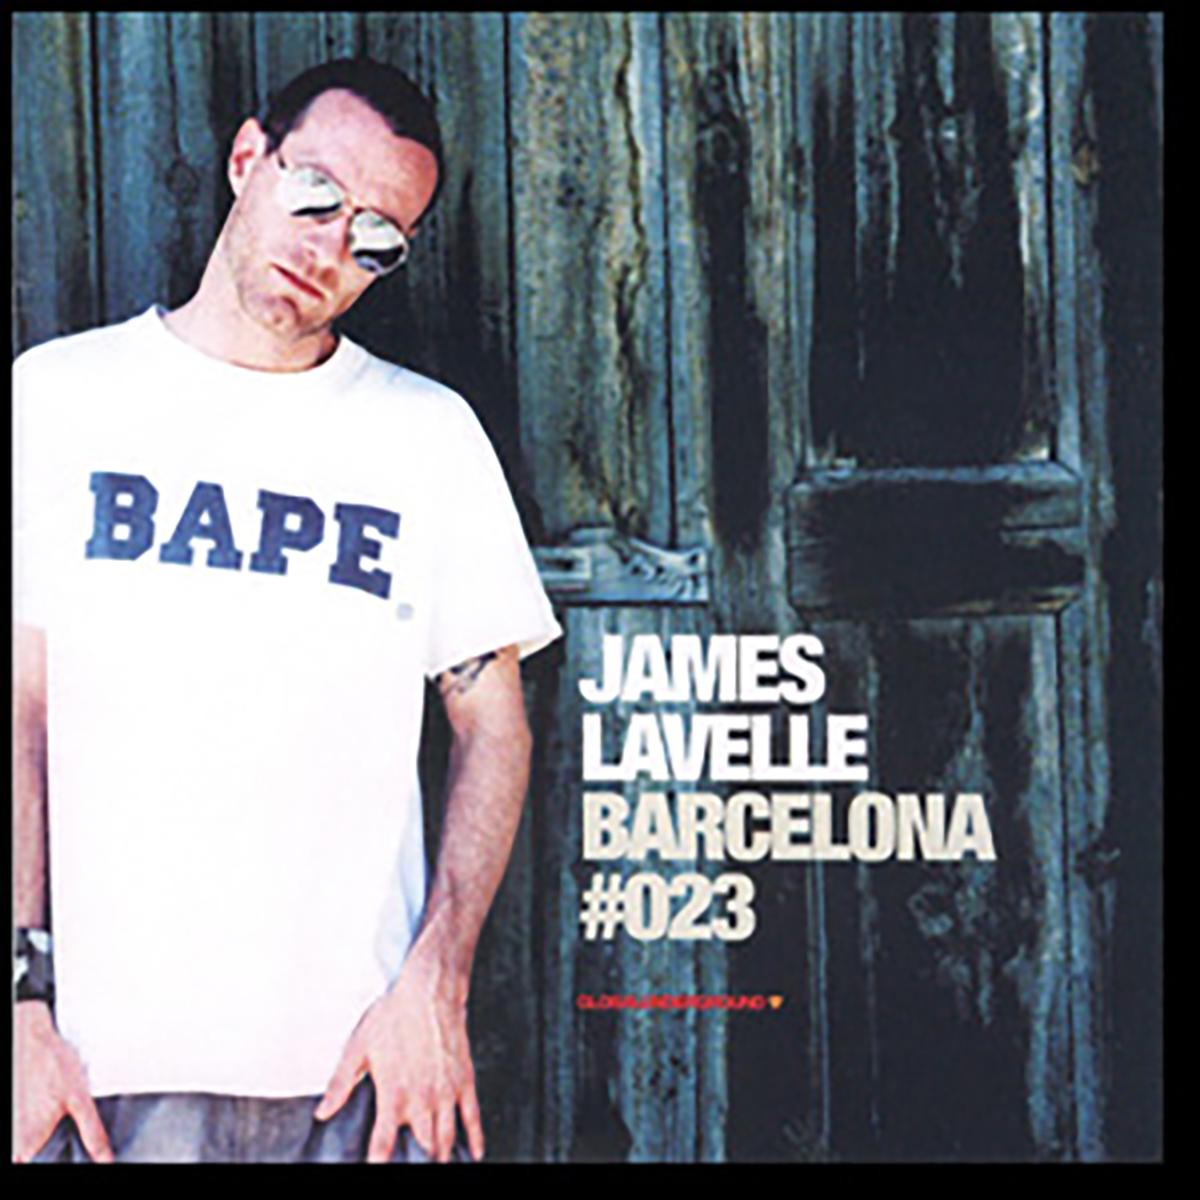 James Lavelle – Barcelona #023